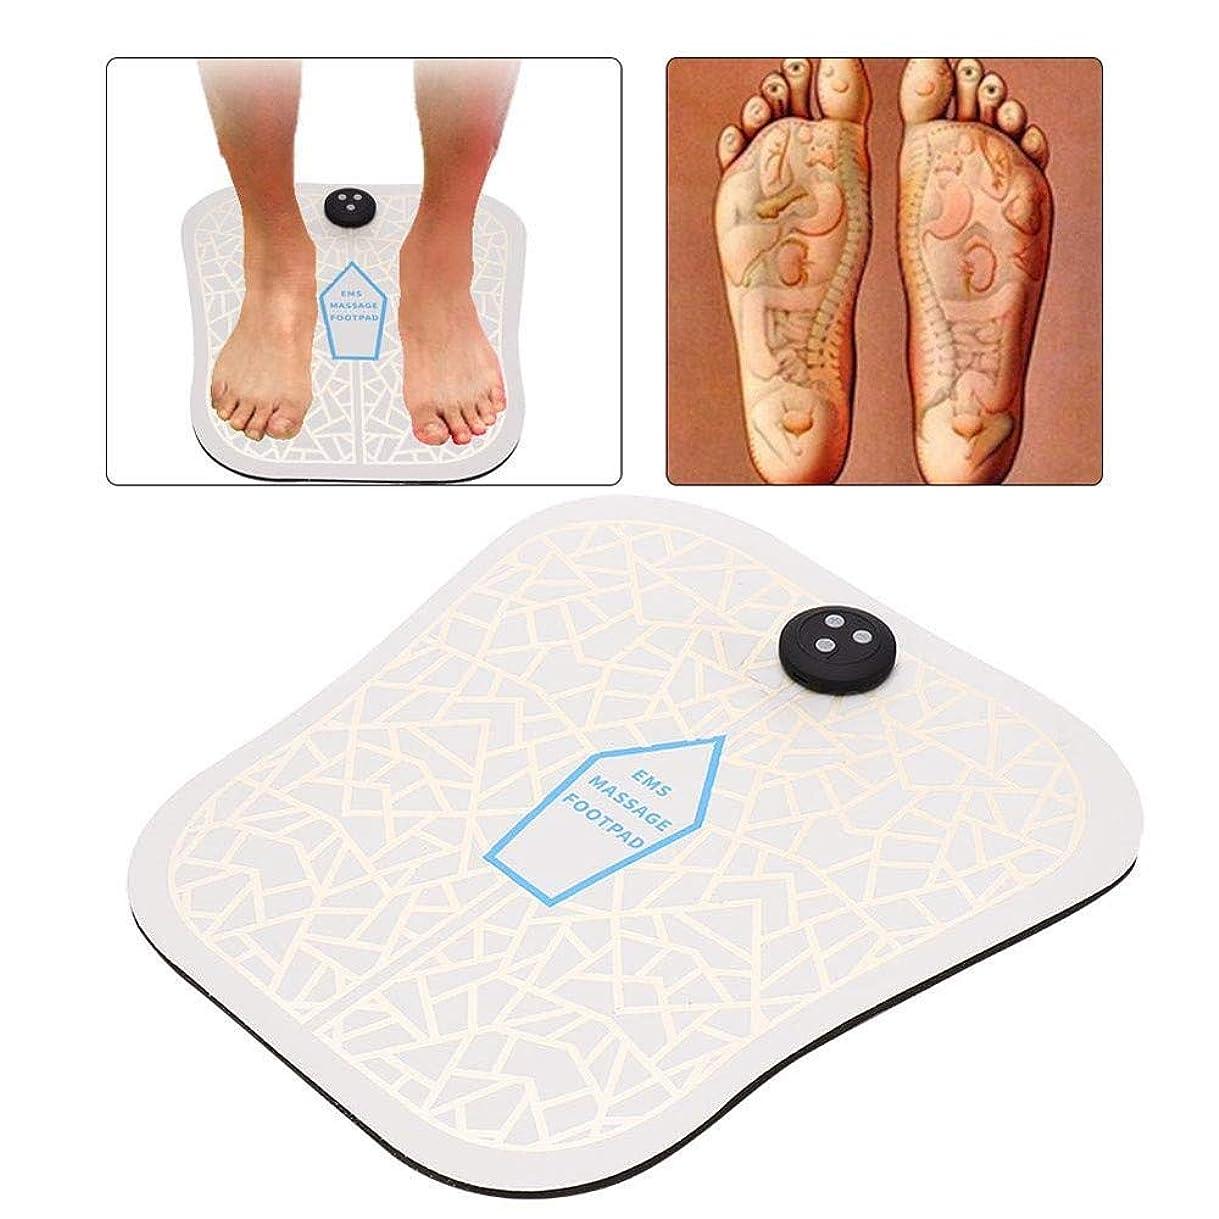 通貨印刷するテスピアン電気EMSフットマッサージャー振動フィットネス理学療法マットは、血液循環筋肉マッサージトレーナーが身体をリラックス推進します